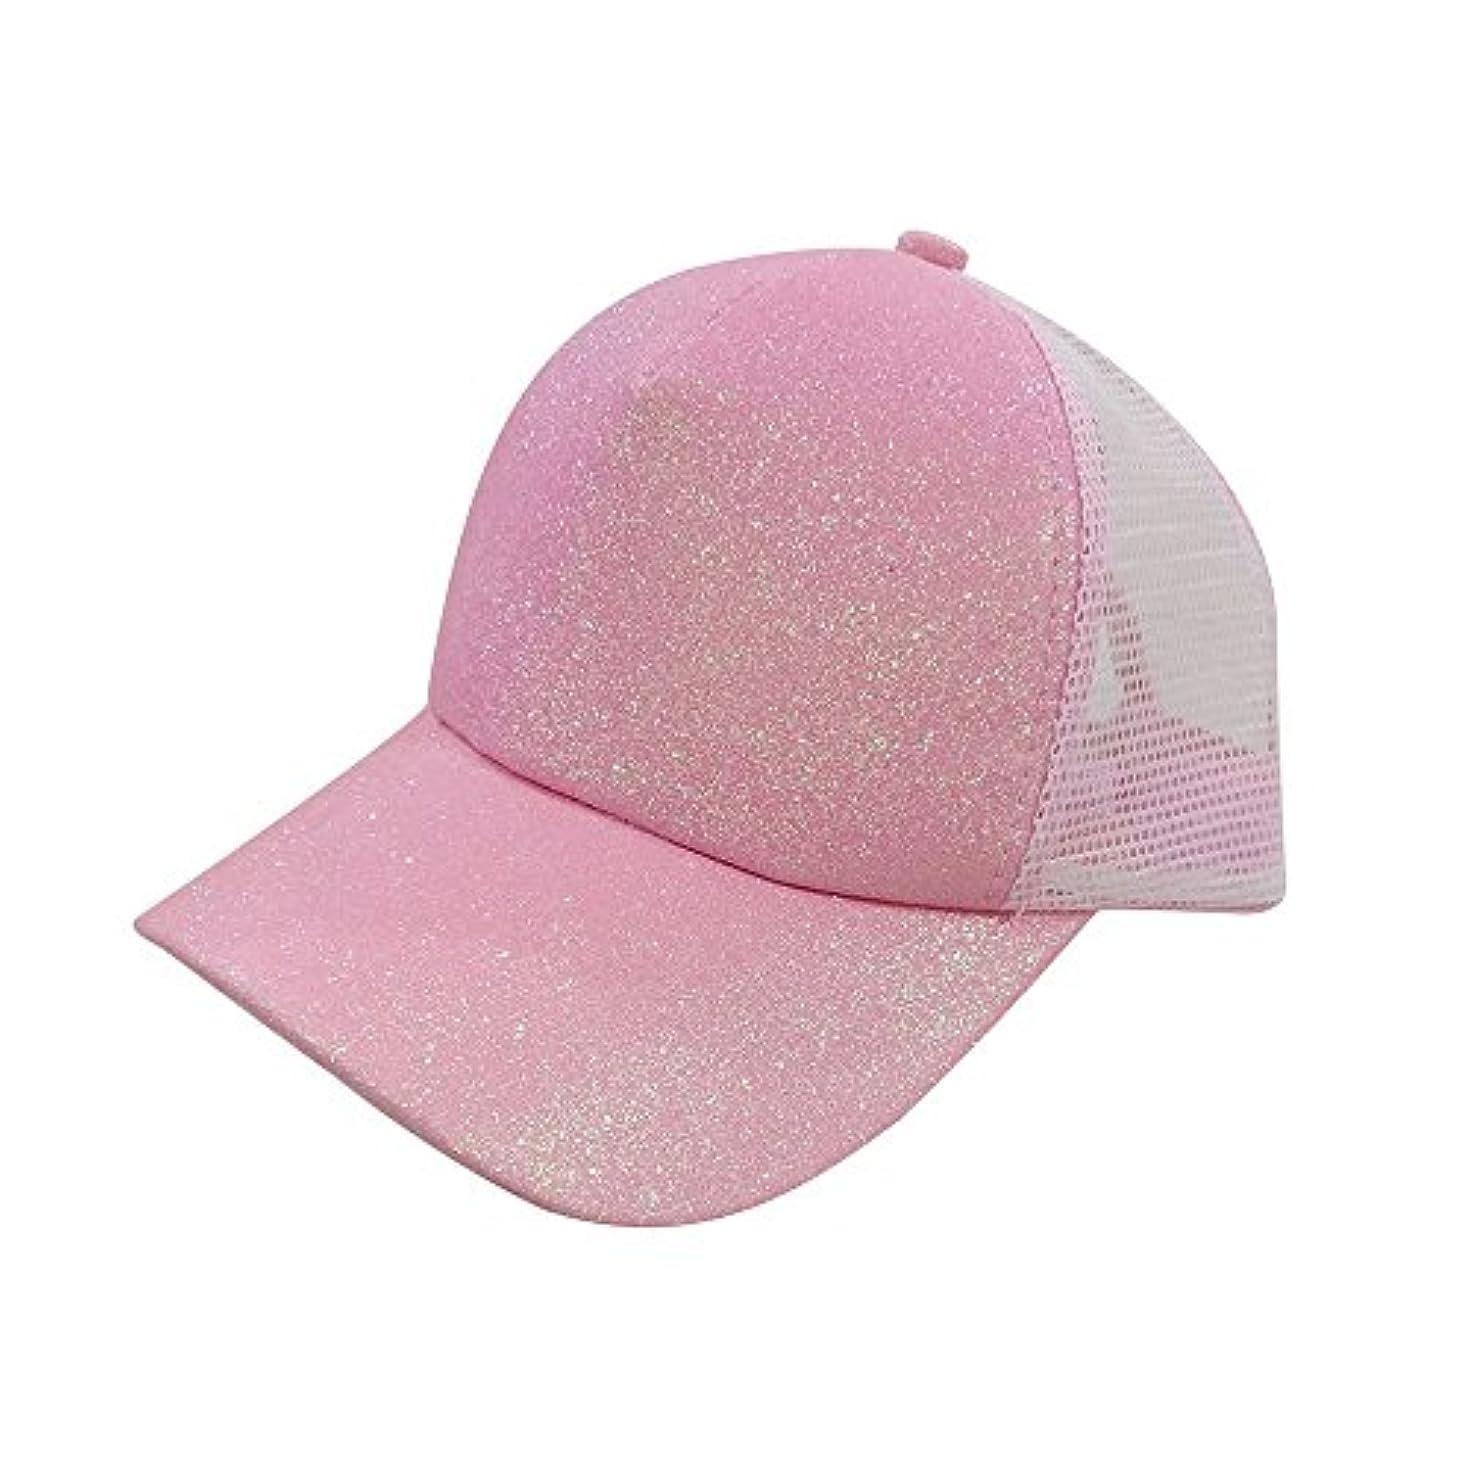 段落タンカーピービッシュRacazing Cap スパンコール 無地 メッシュ 野球帽 通気性のある ヒップホップ 帽子 夏 登山 可調整可能 棒球帽 男女兼用 UV 帽子 軽量 屋外 Unisex Cap (ピンク)